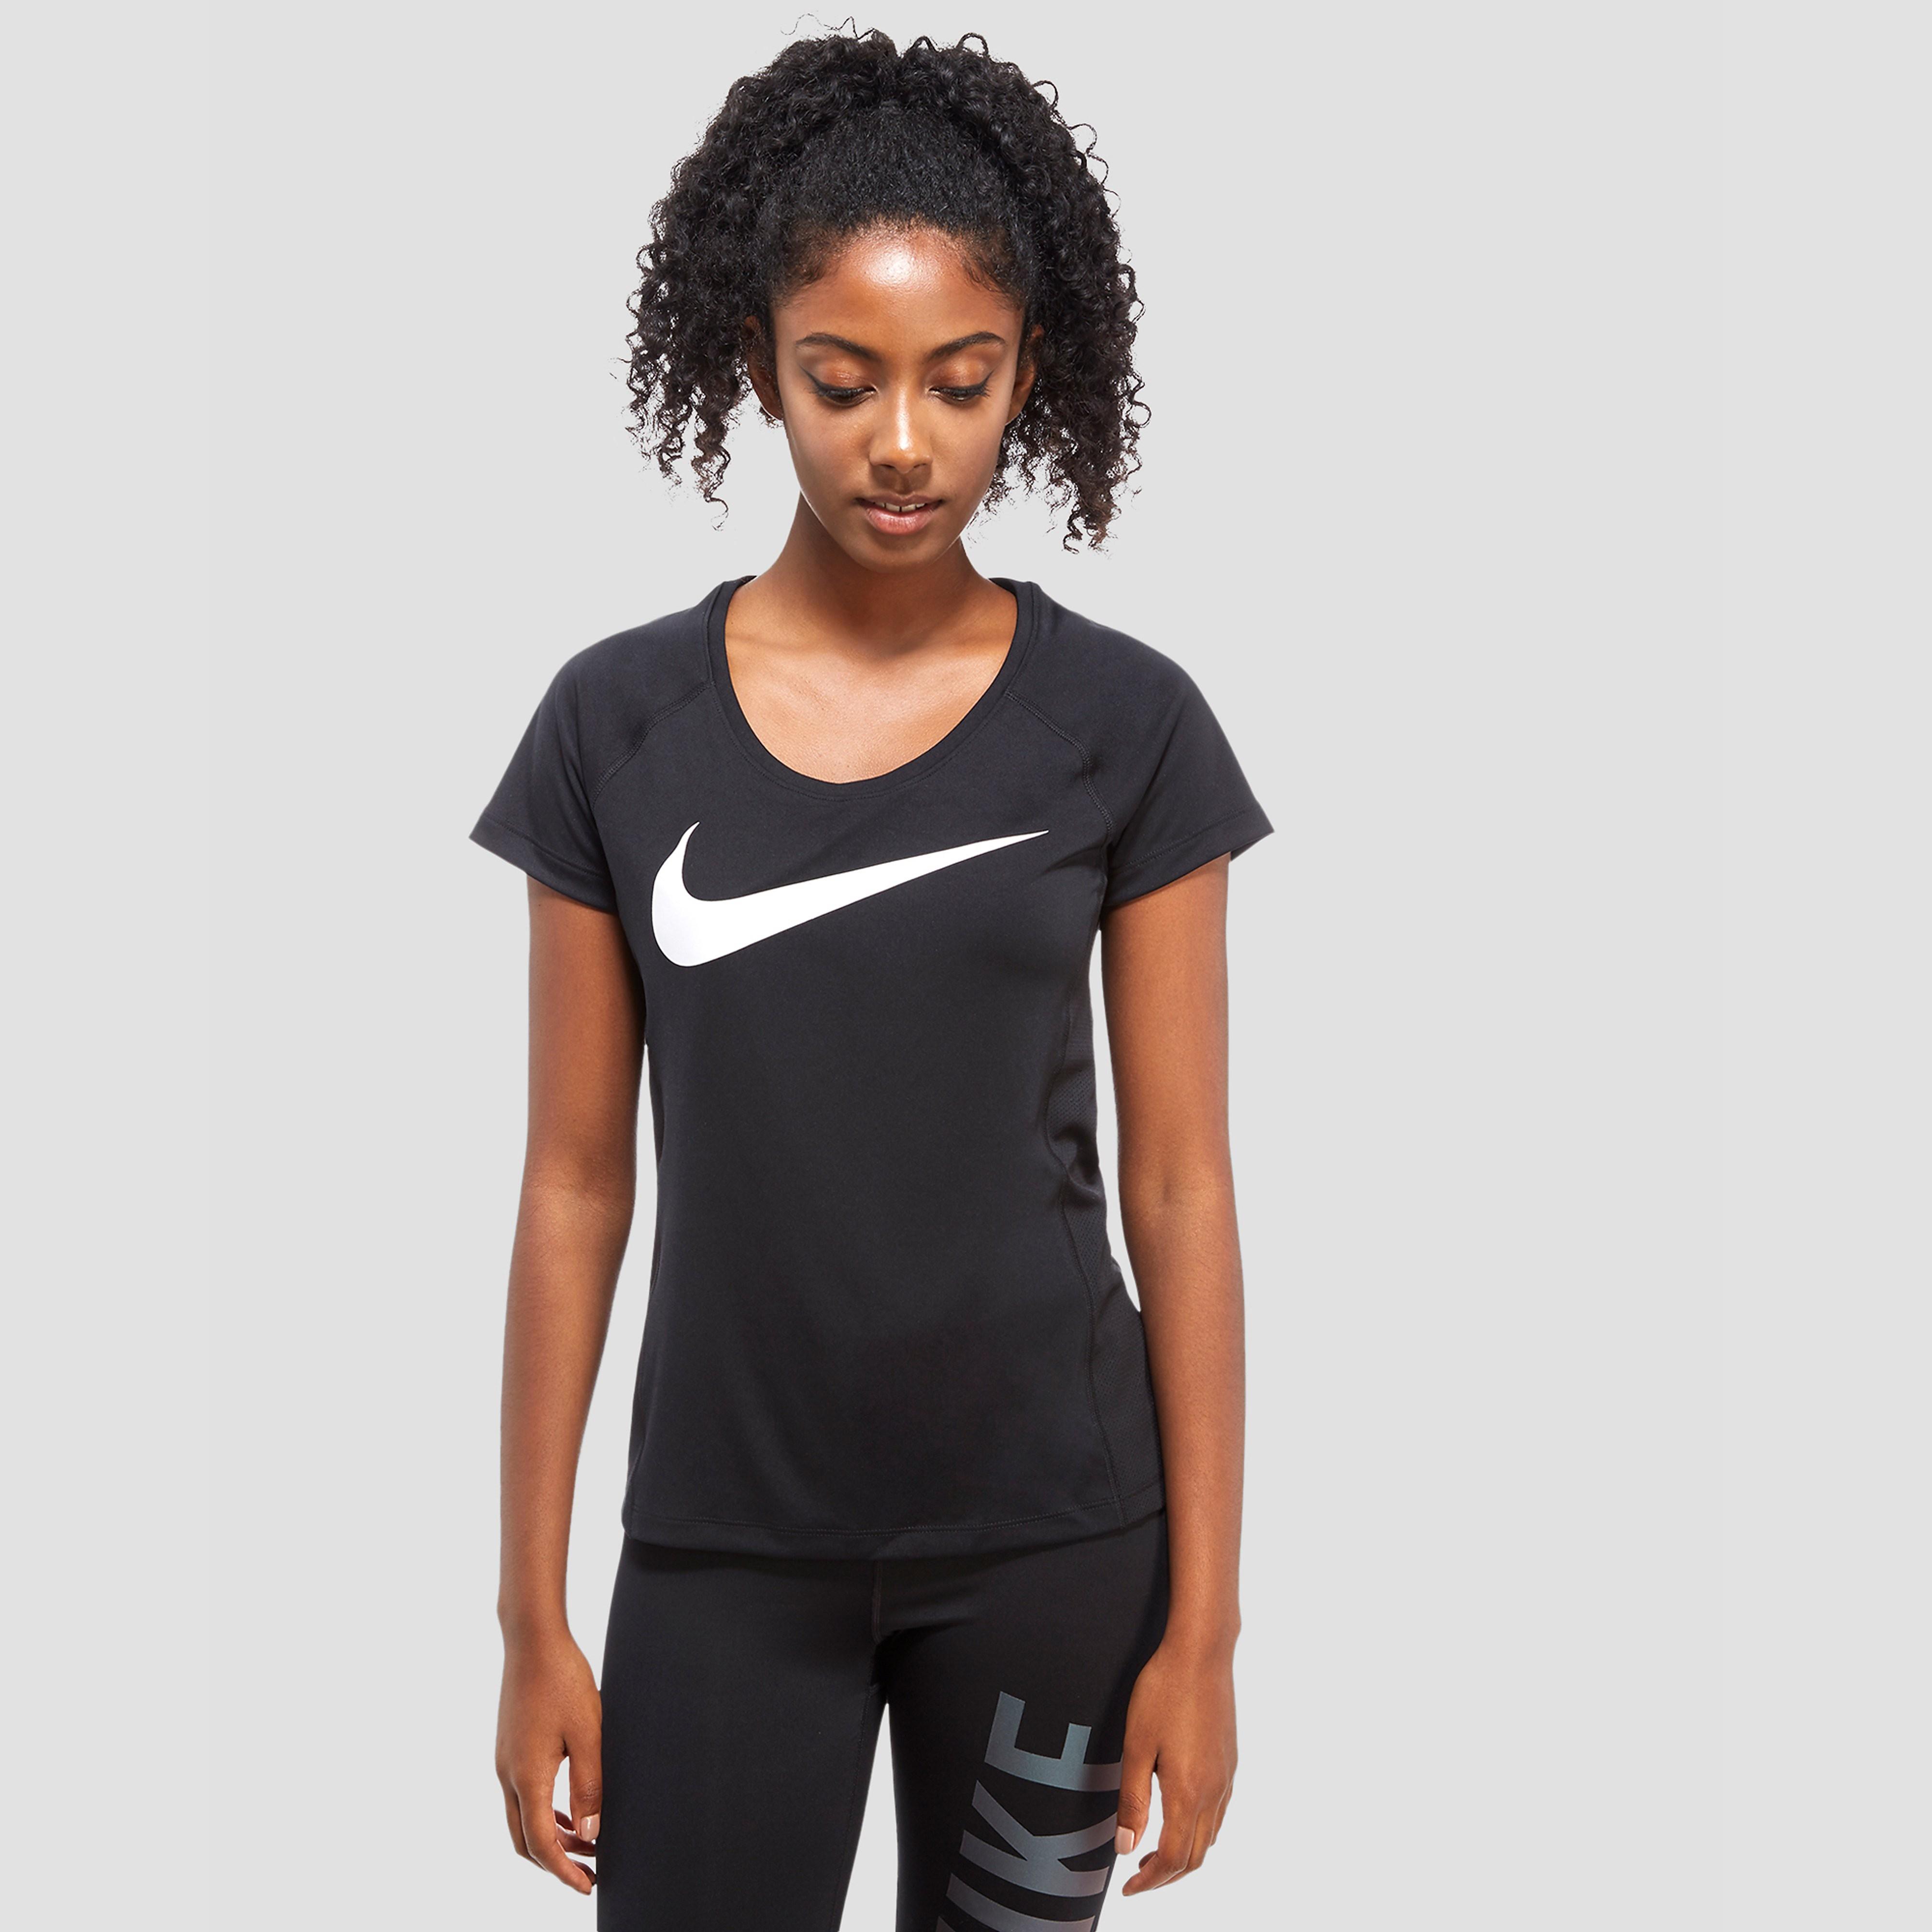 Nike Dry Miler Short Sleeve Women's Running Top